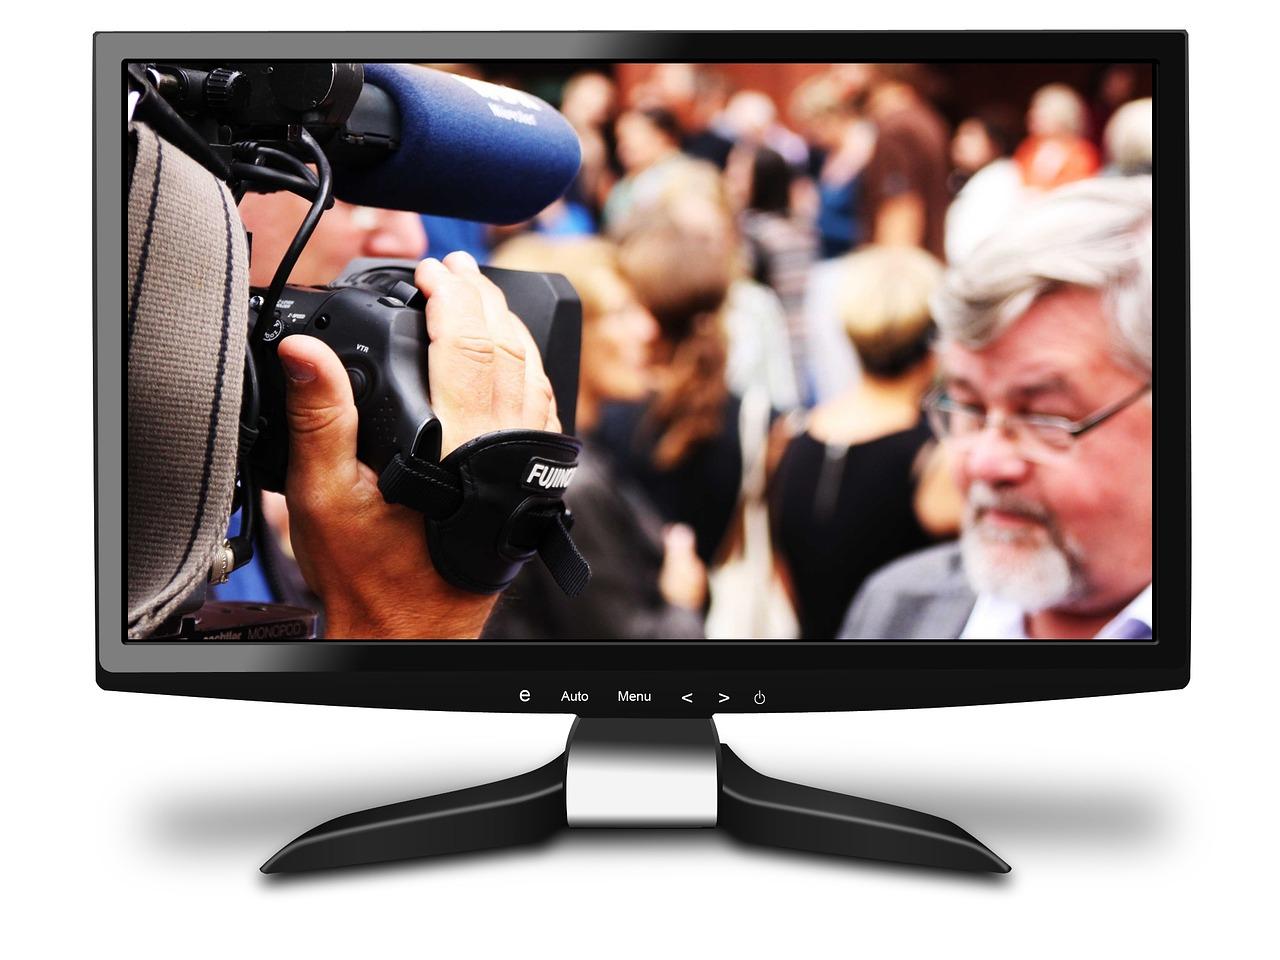 Chcesz kupić tani i dobry telewizor? Nie kieruj się tylko marką!